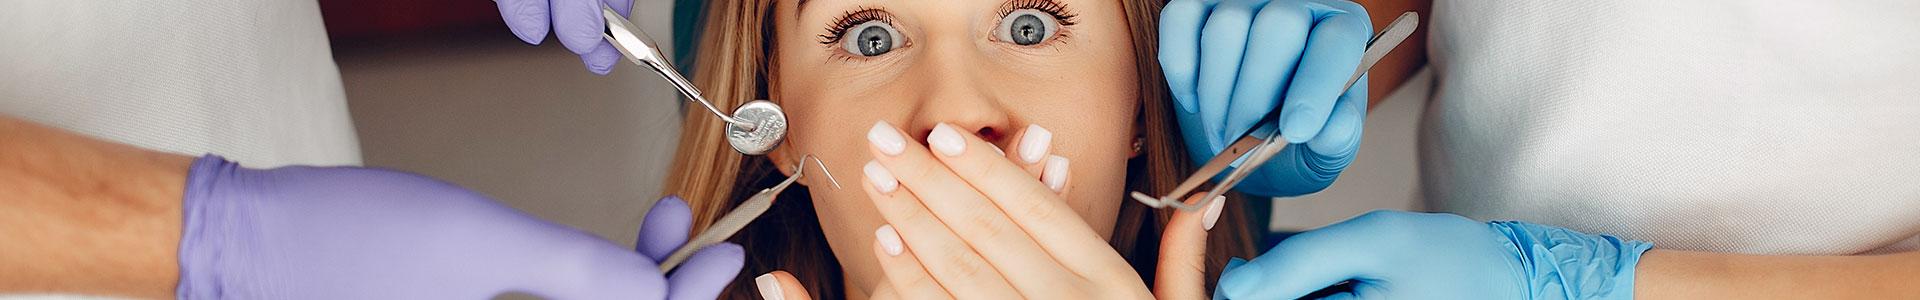 Dentista em SP | Descubra como não errar escolhendo um profissional!